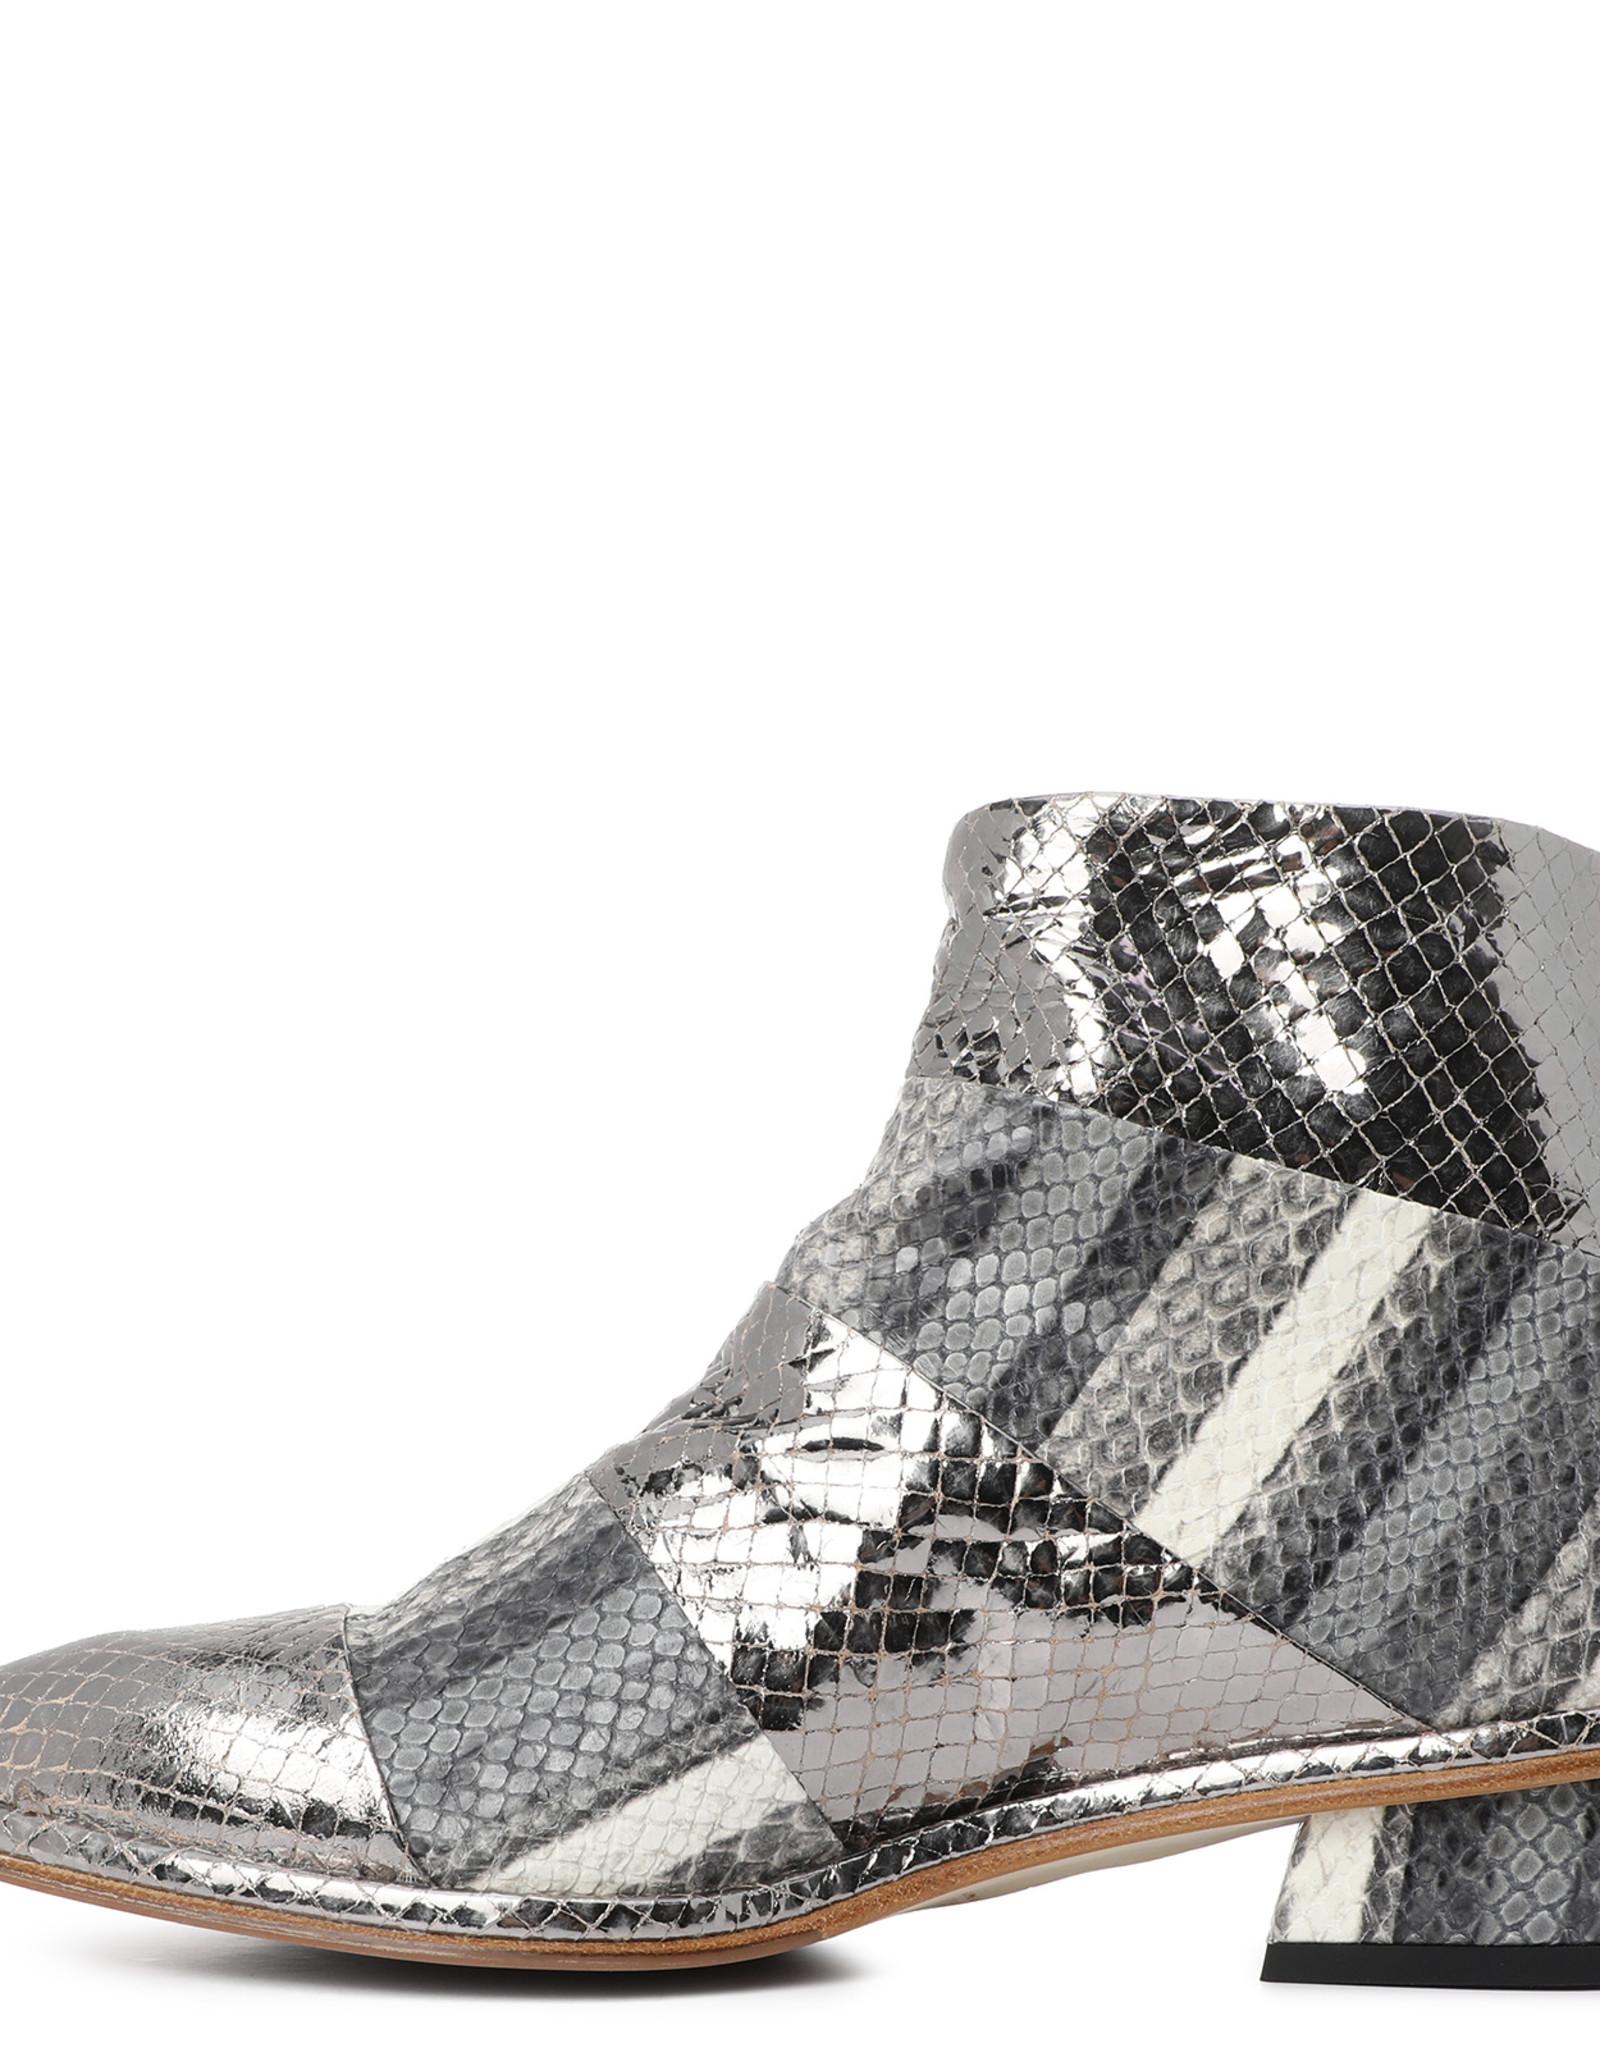 ERNESTO DOLANI - Metallic Snake Bootie